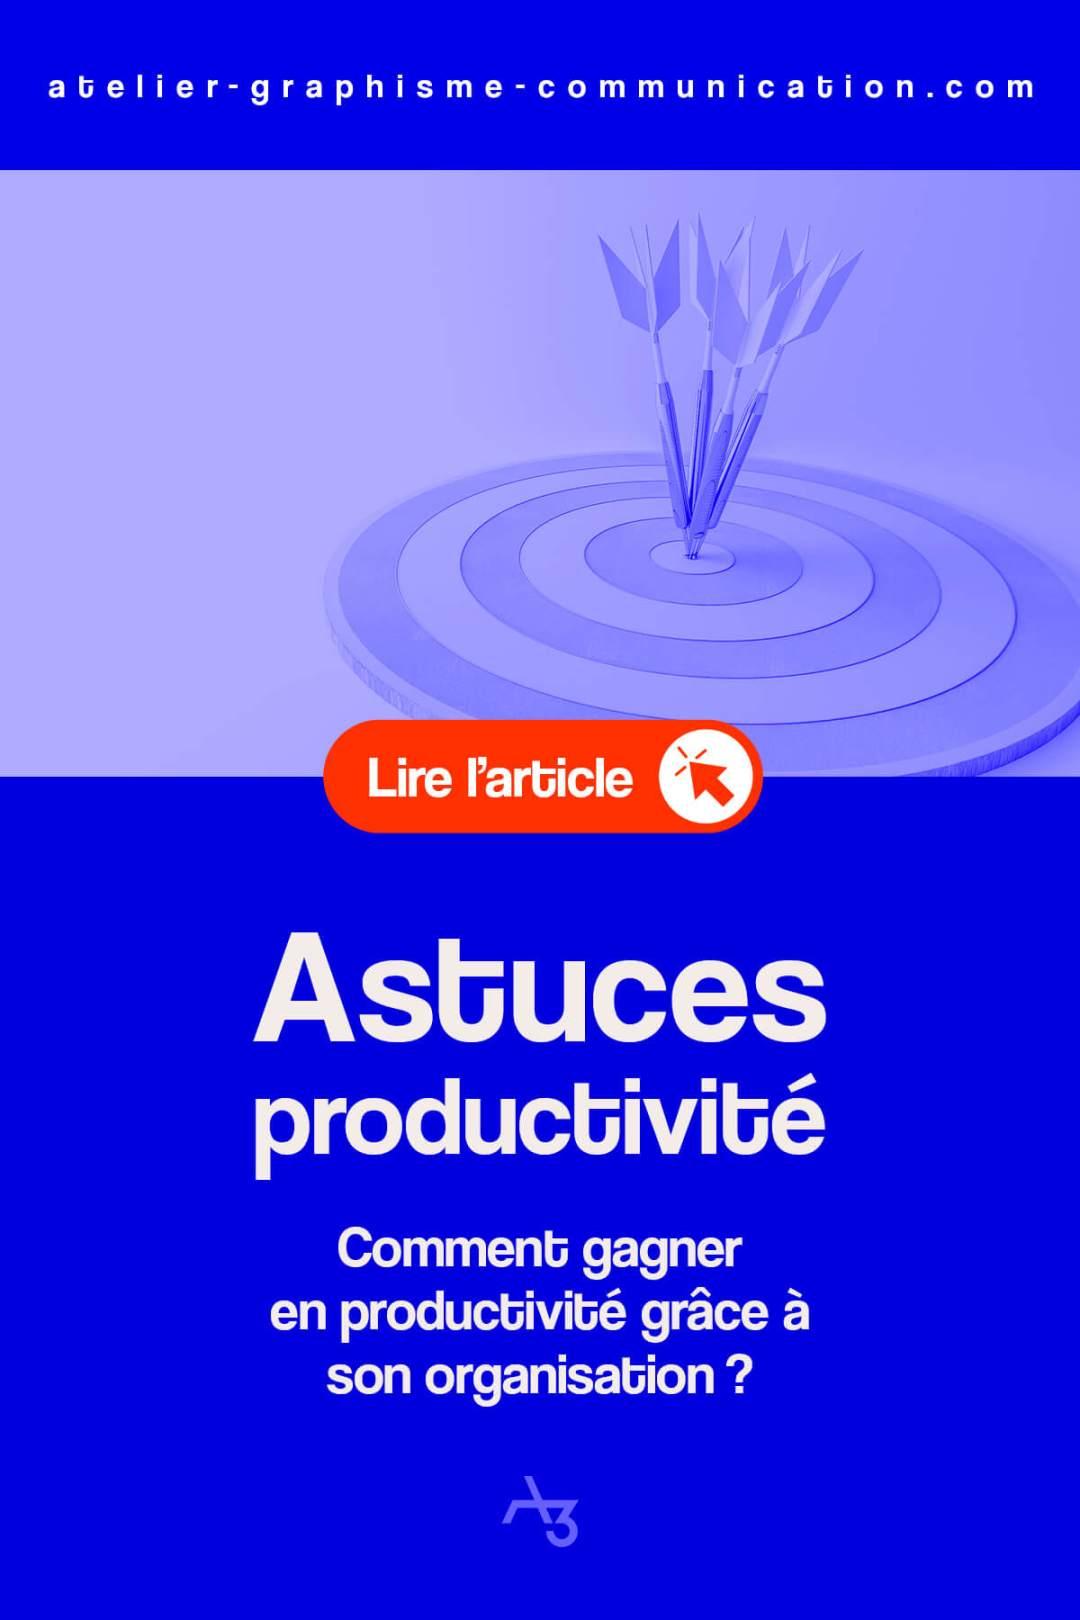 Astuces productivité